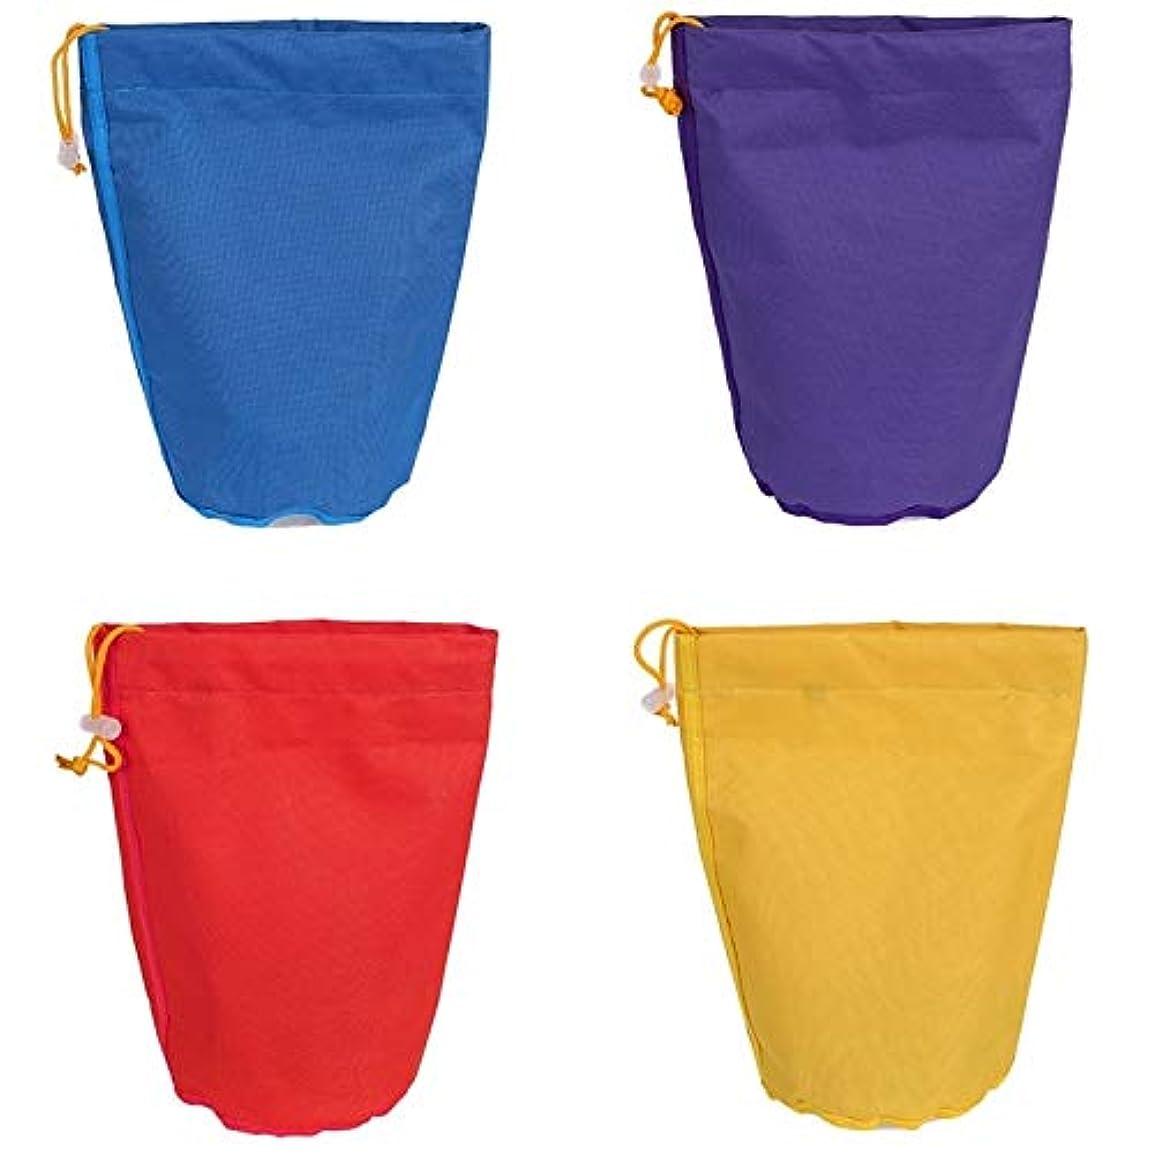 愛するオリエンテーション証明書4本1ガロンガーデンは、バグフィルターバッグバブルバッグハーブアイスプラント抽出キットの抽出バッグを成長させます (Color : Multi)